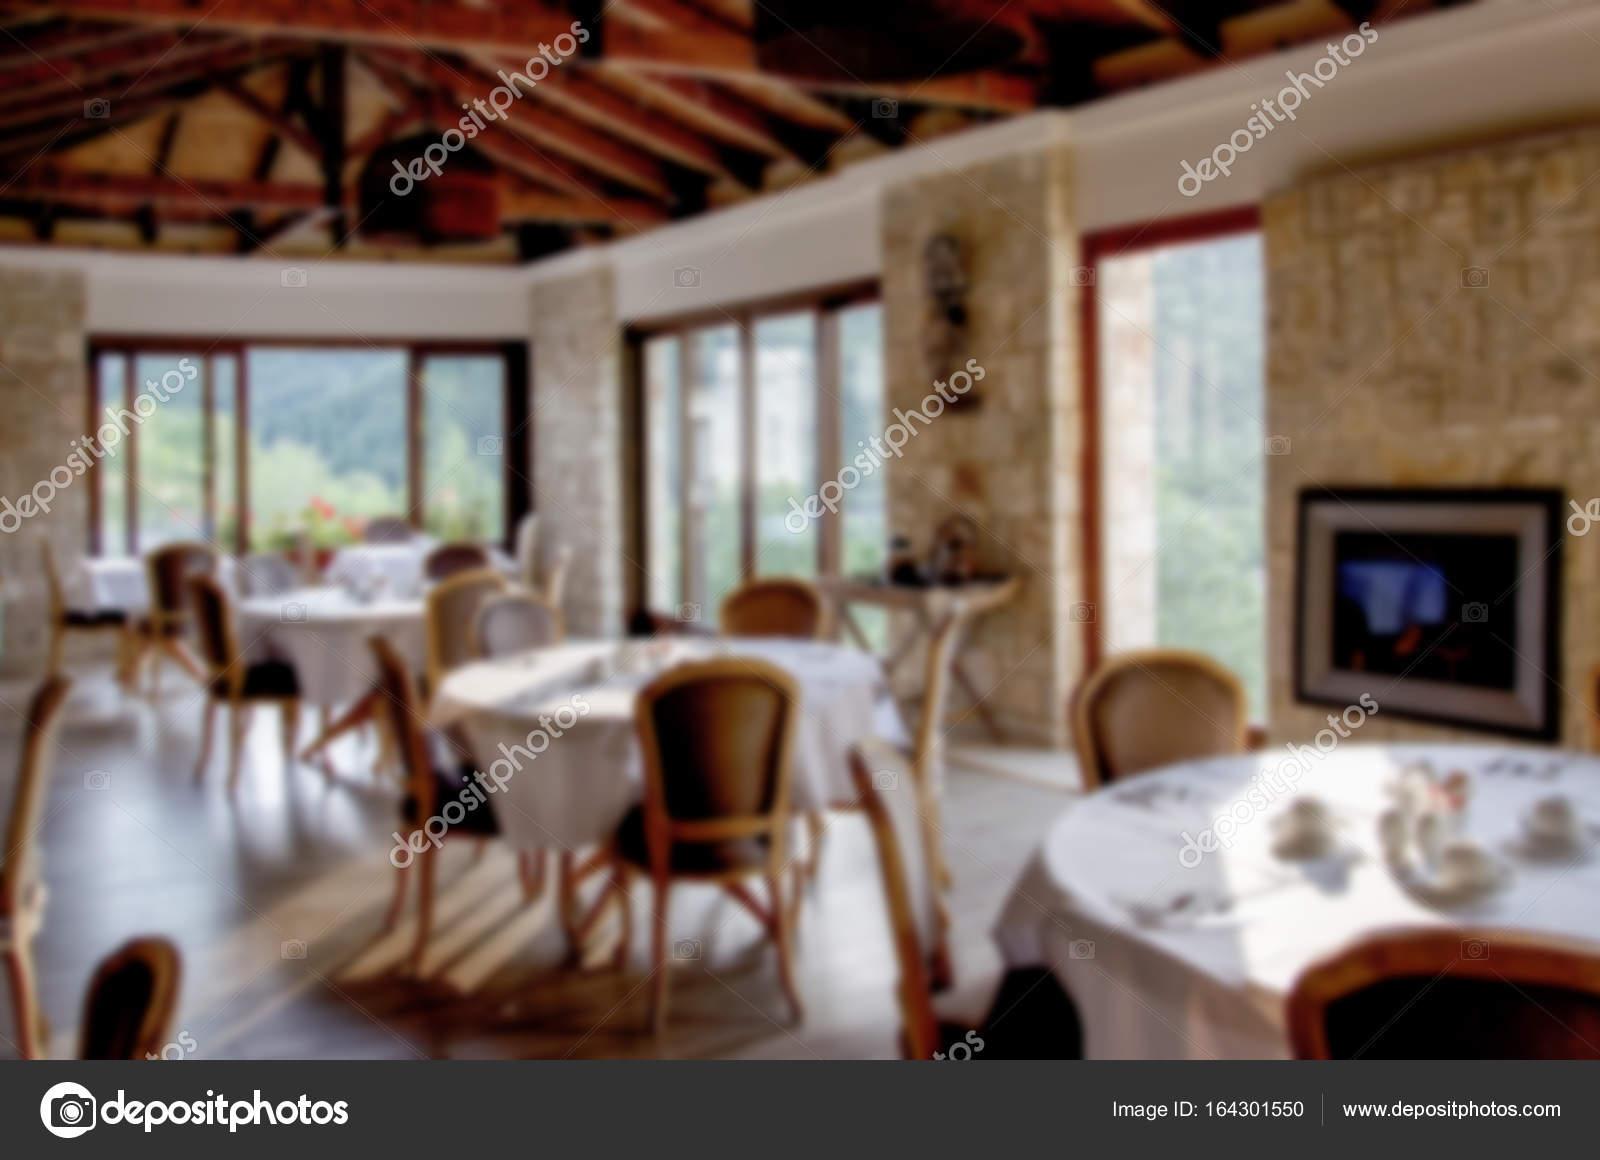 Interieur des Restaurants mit Holzmöbeln und Steinmauern — Stockfoto ...